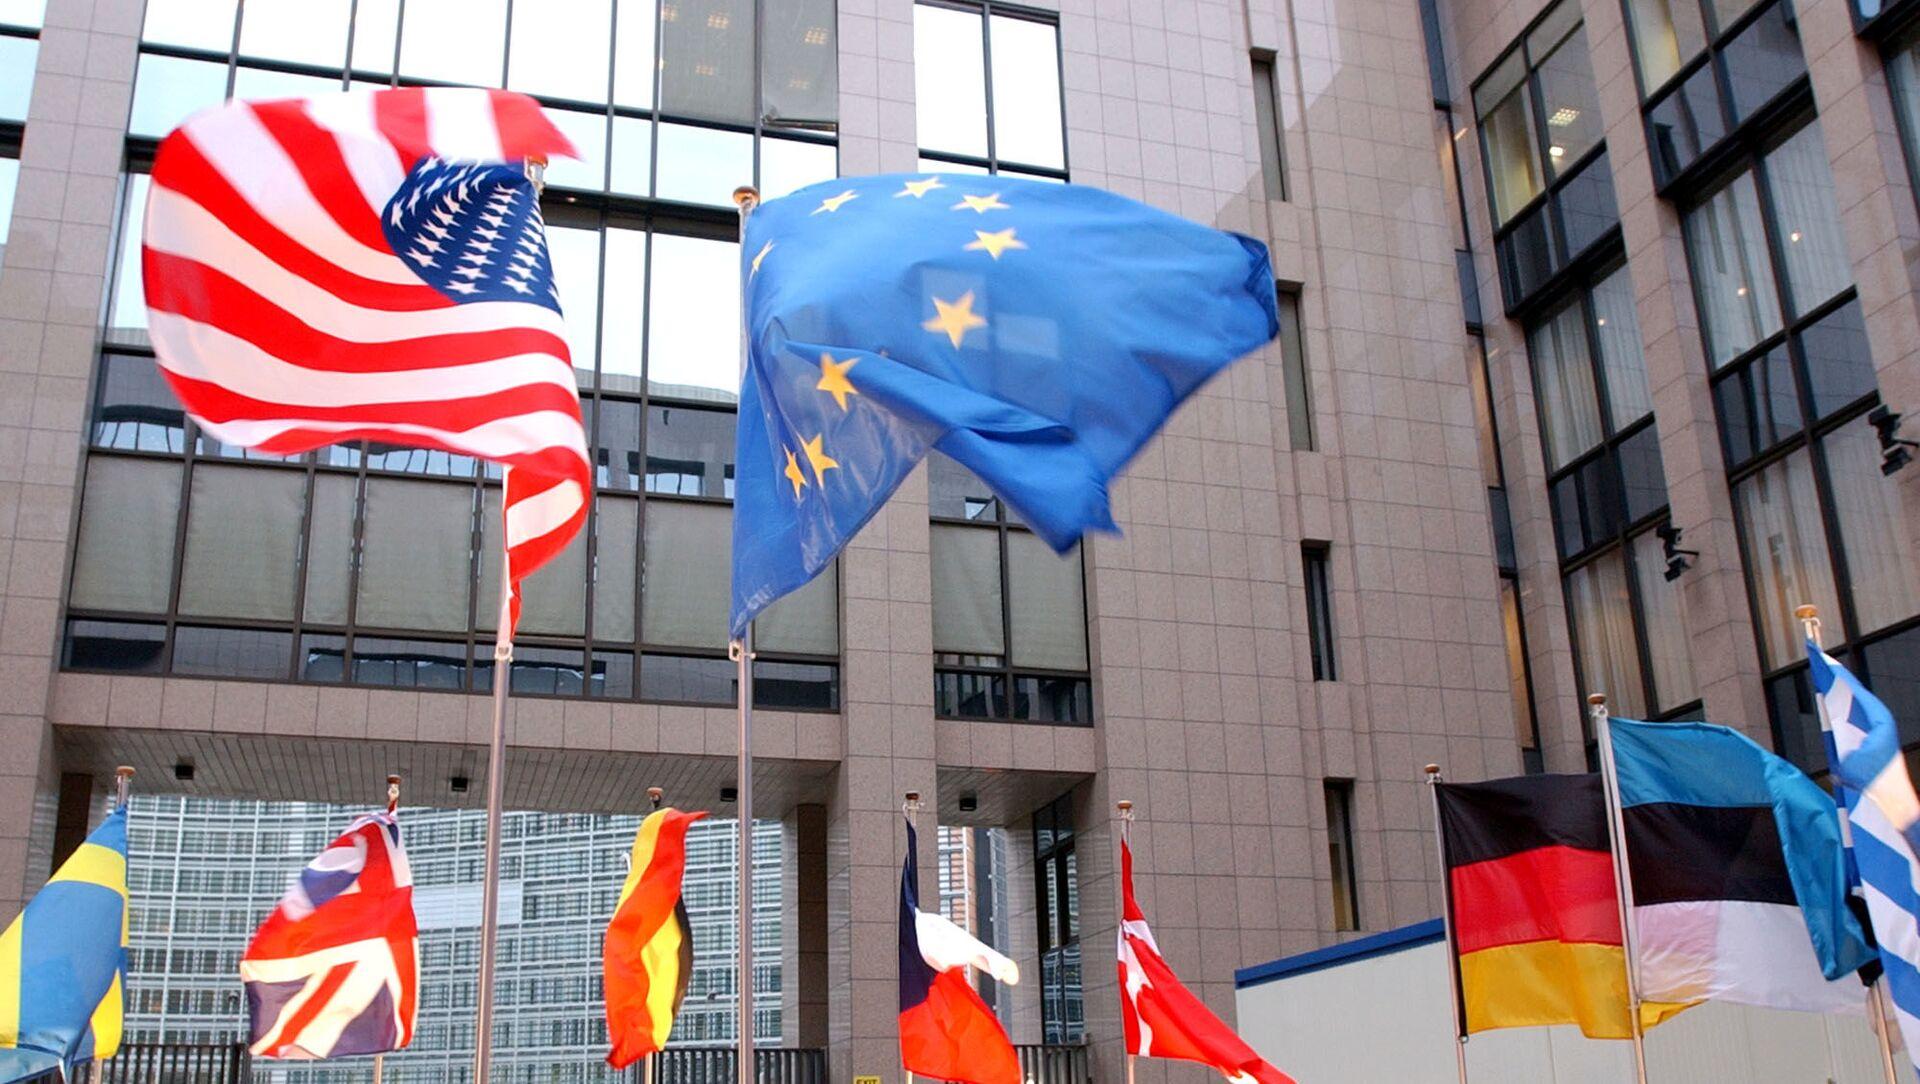 米国と欧州連合の旗 - Sputnik 日本, 1920, 23.09.2021